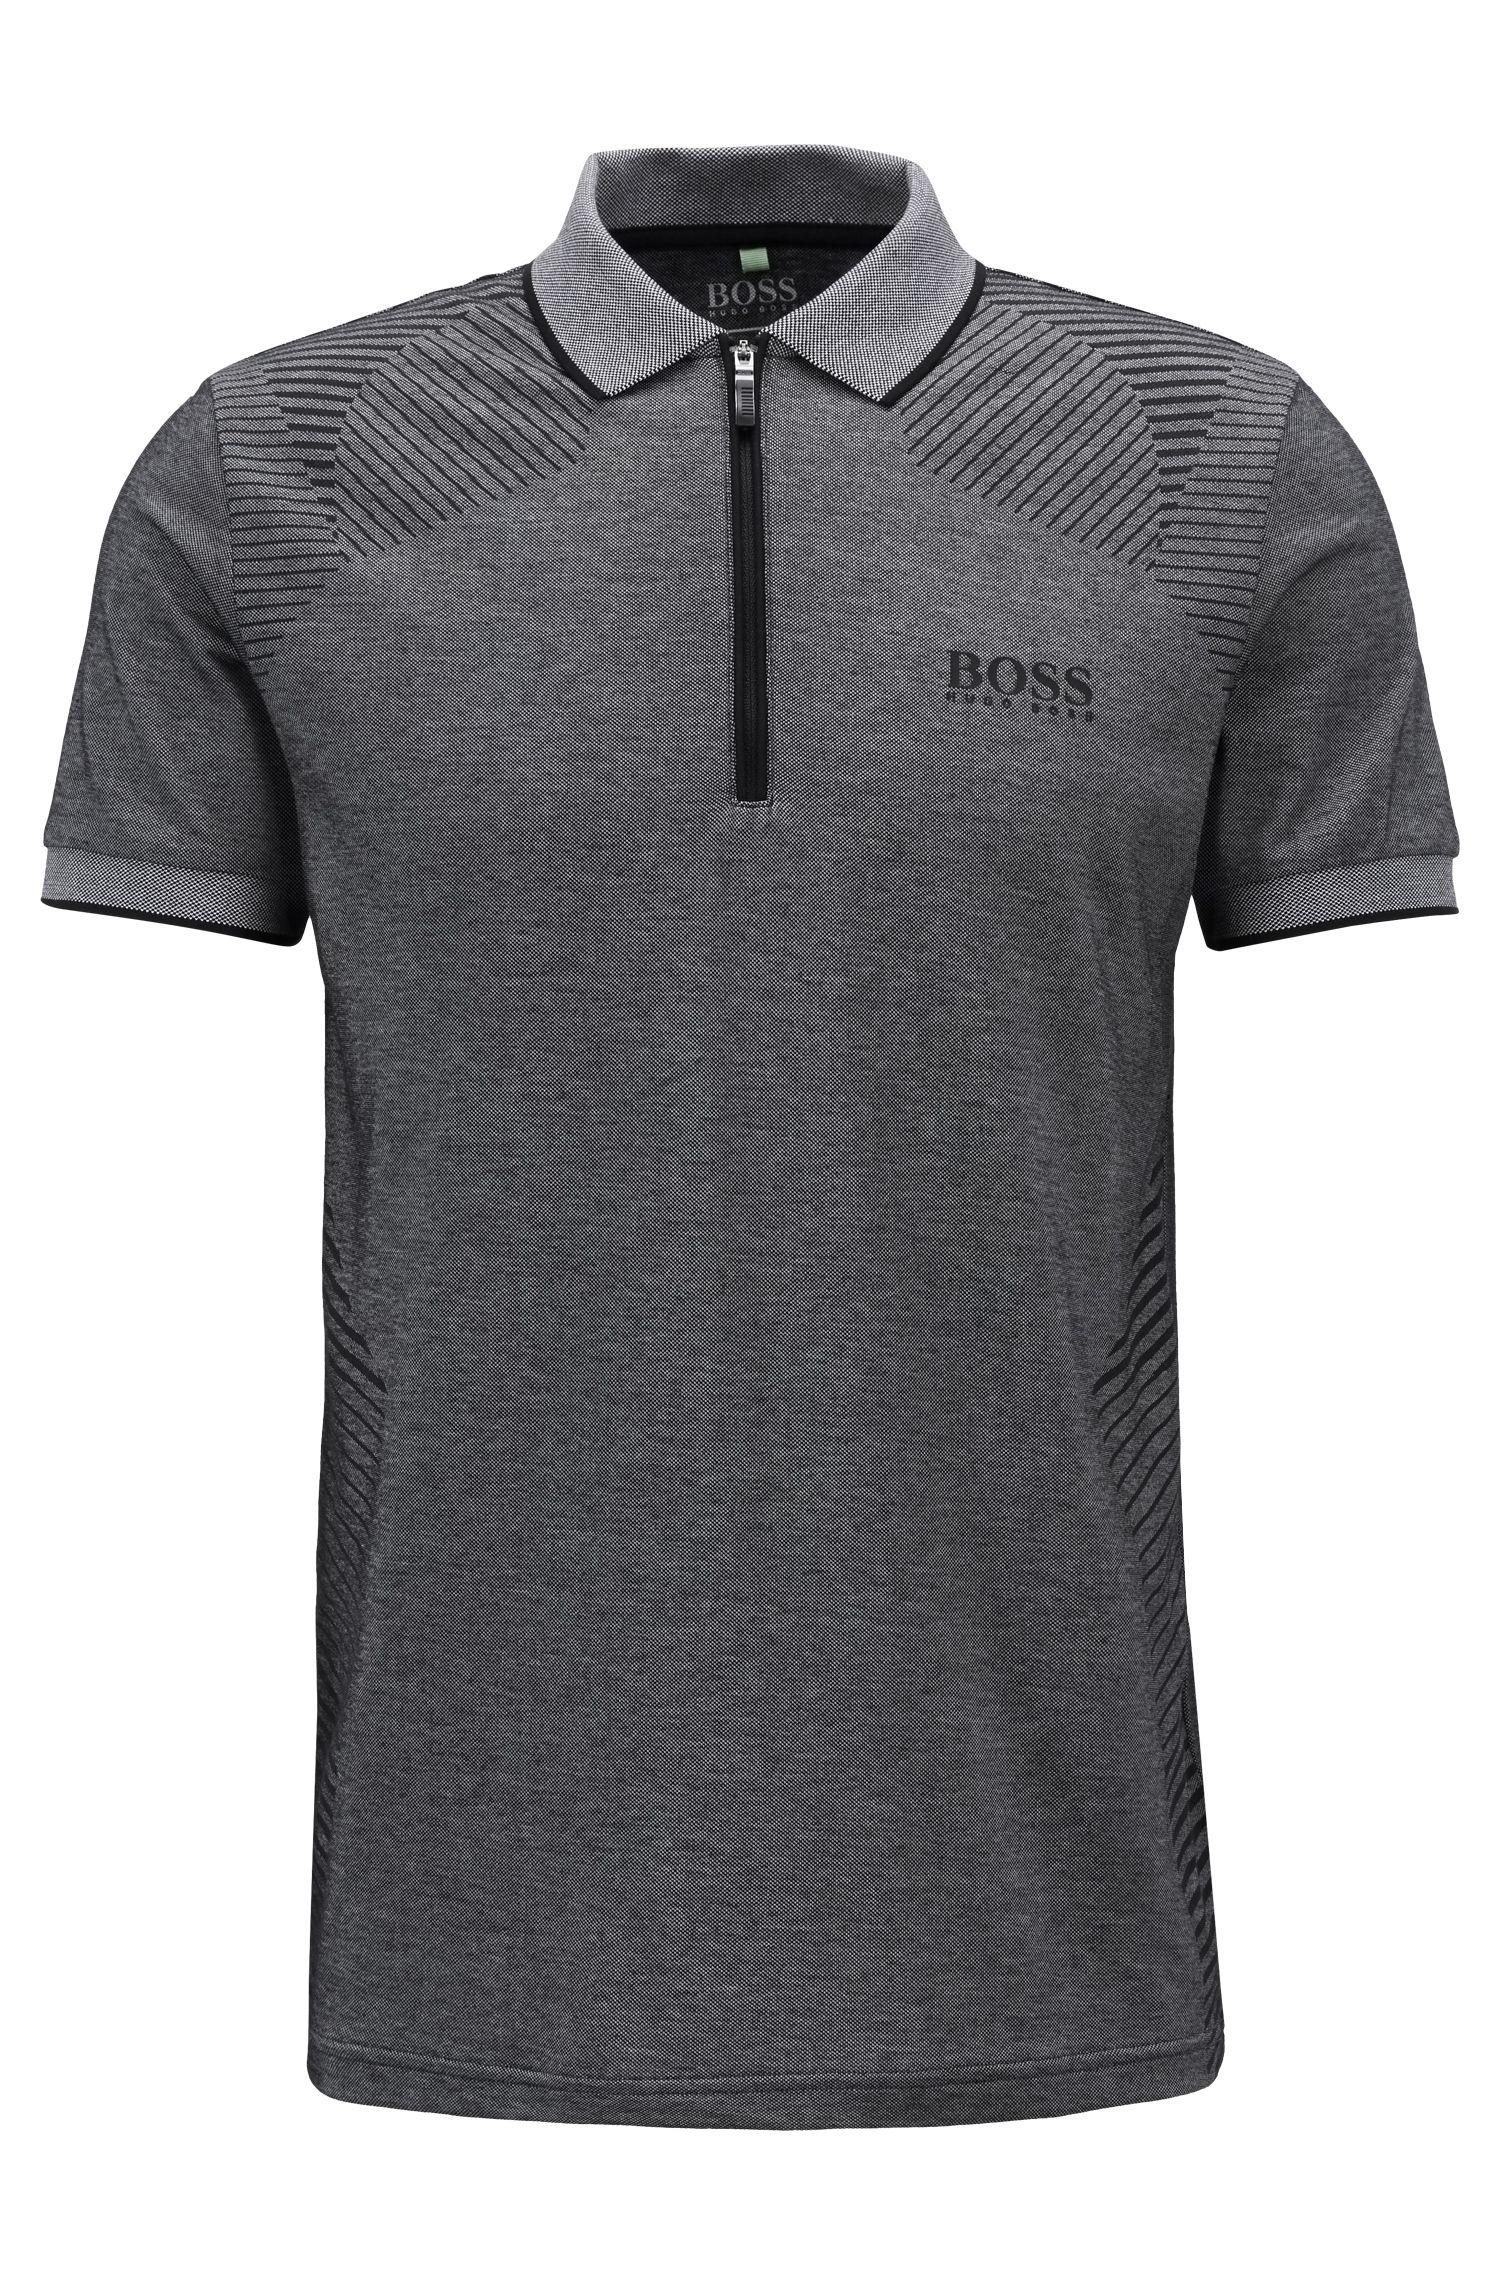 Strick-Poloshirt mit Reißverschluss am Kragen und Feuchtigkeitsregulierung, Dunkelgrau